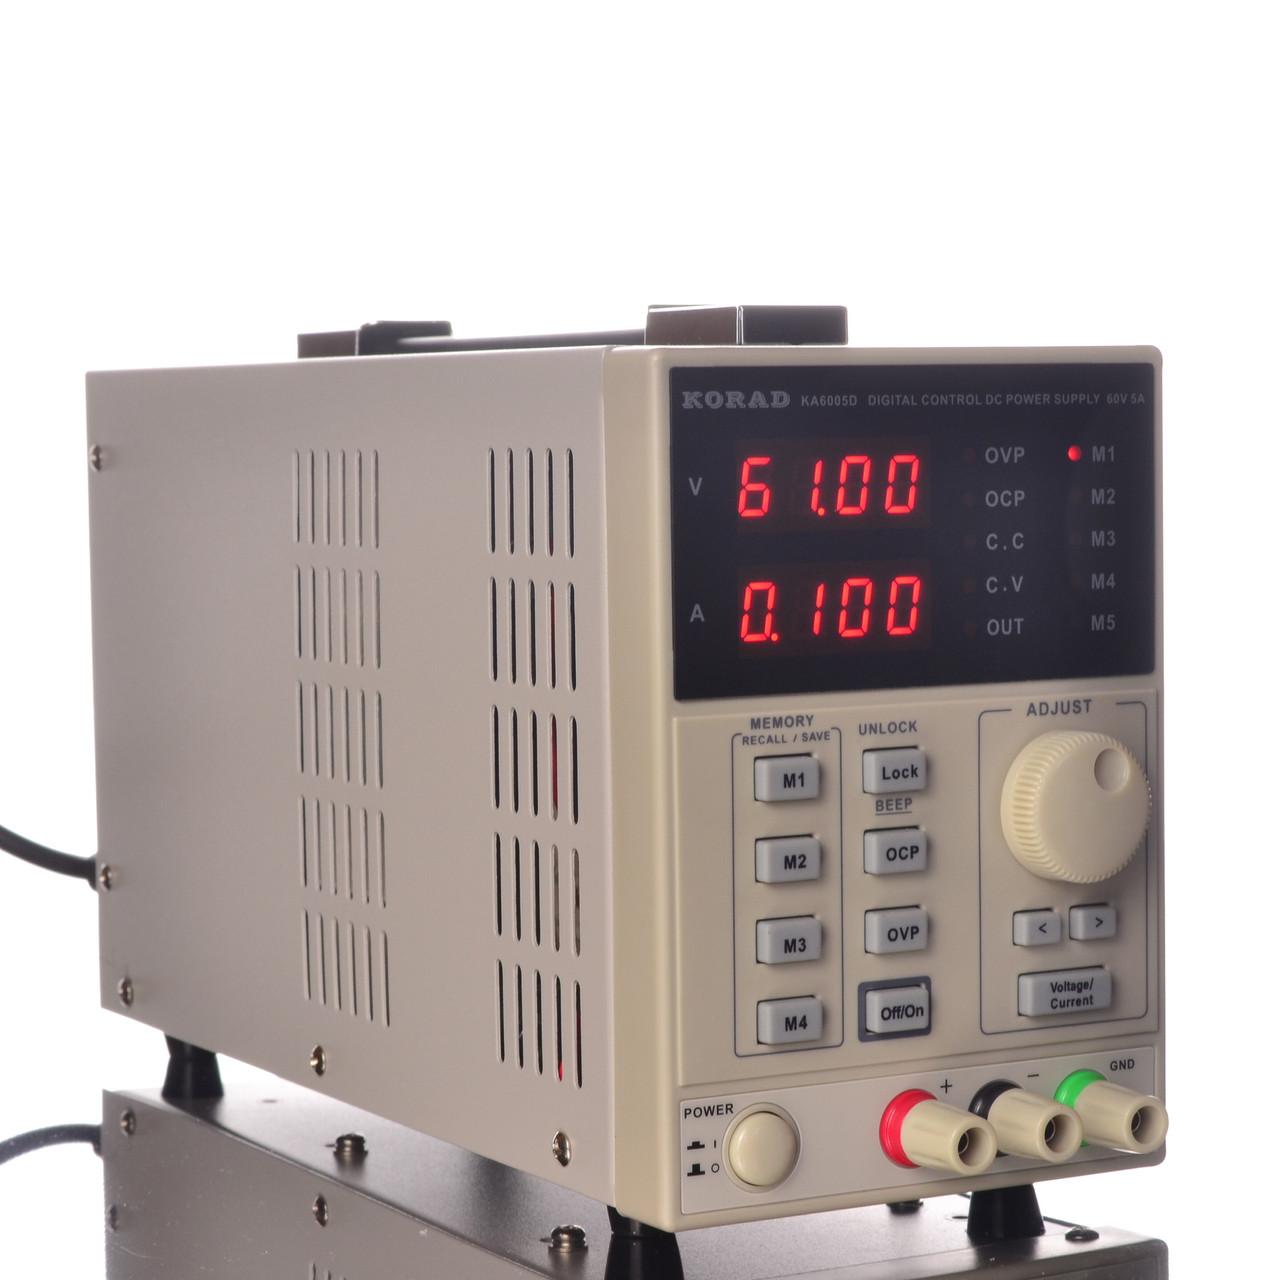 Лабораторный блок питания Korad KA6005D 60V 5A программируемый высокоточный